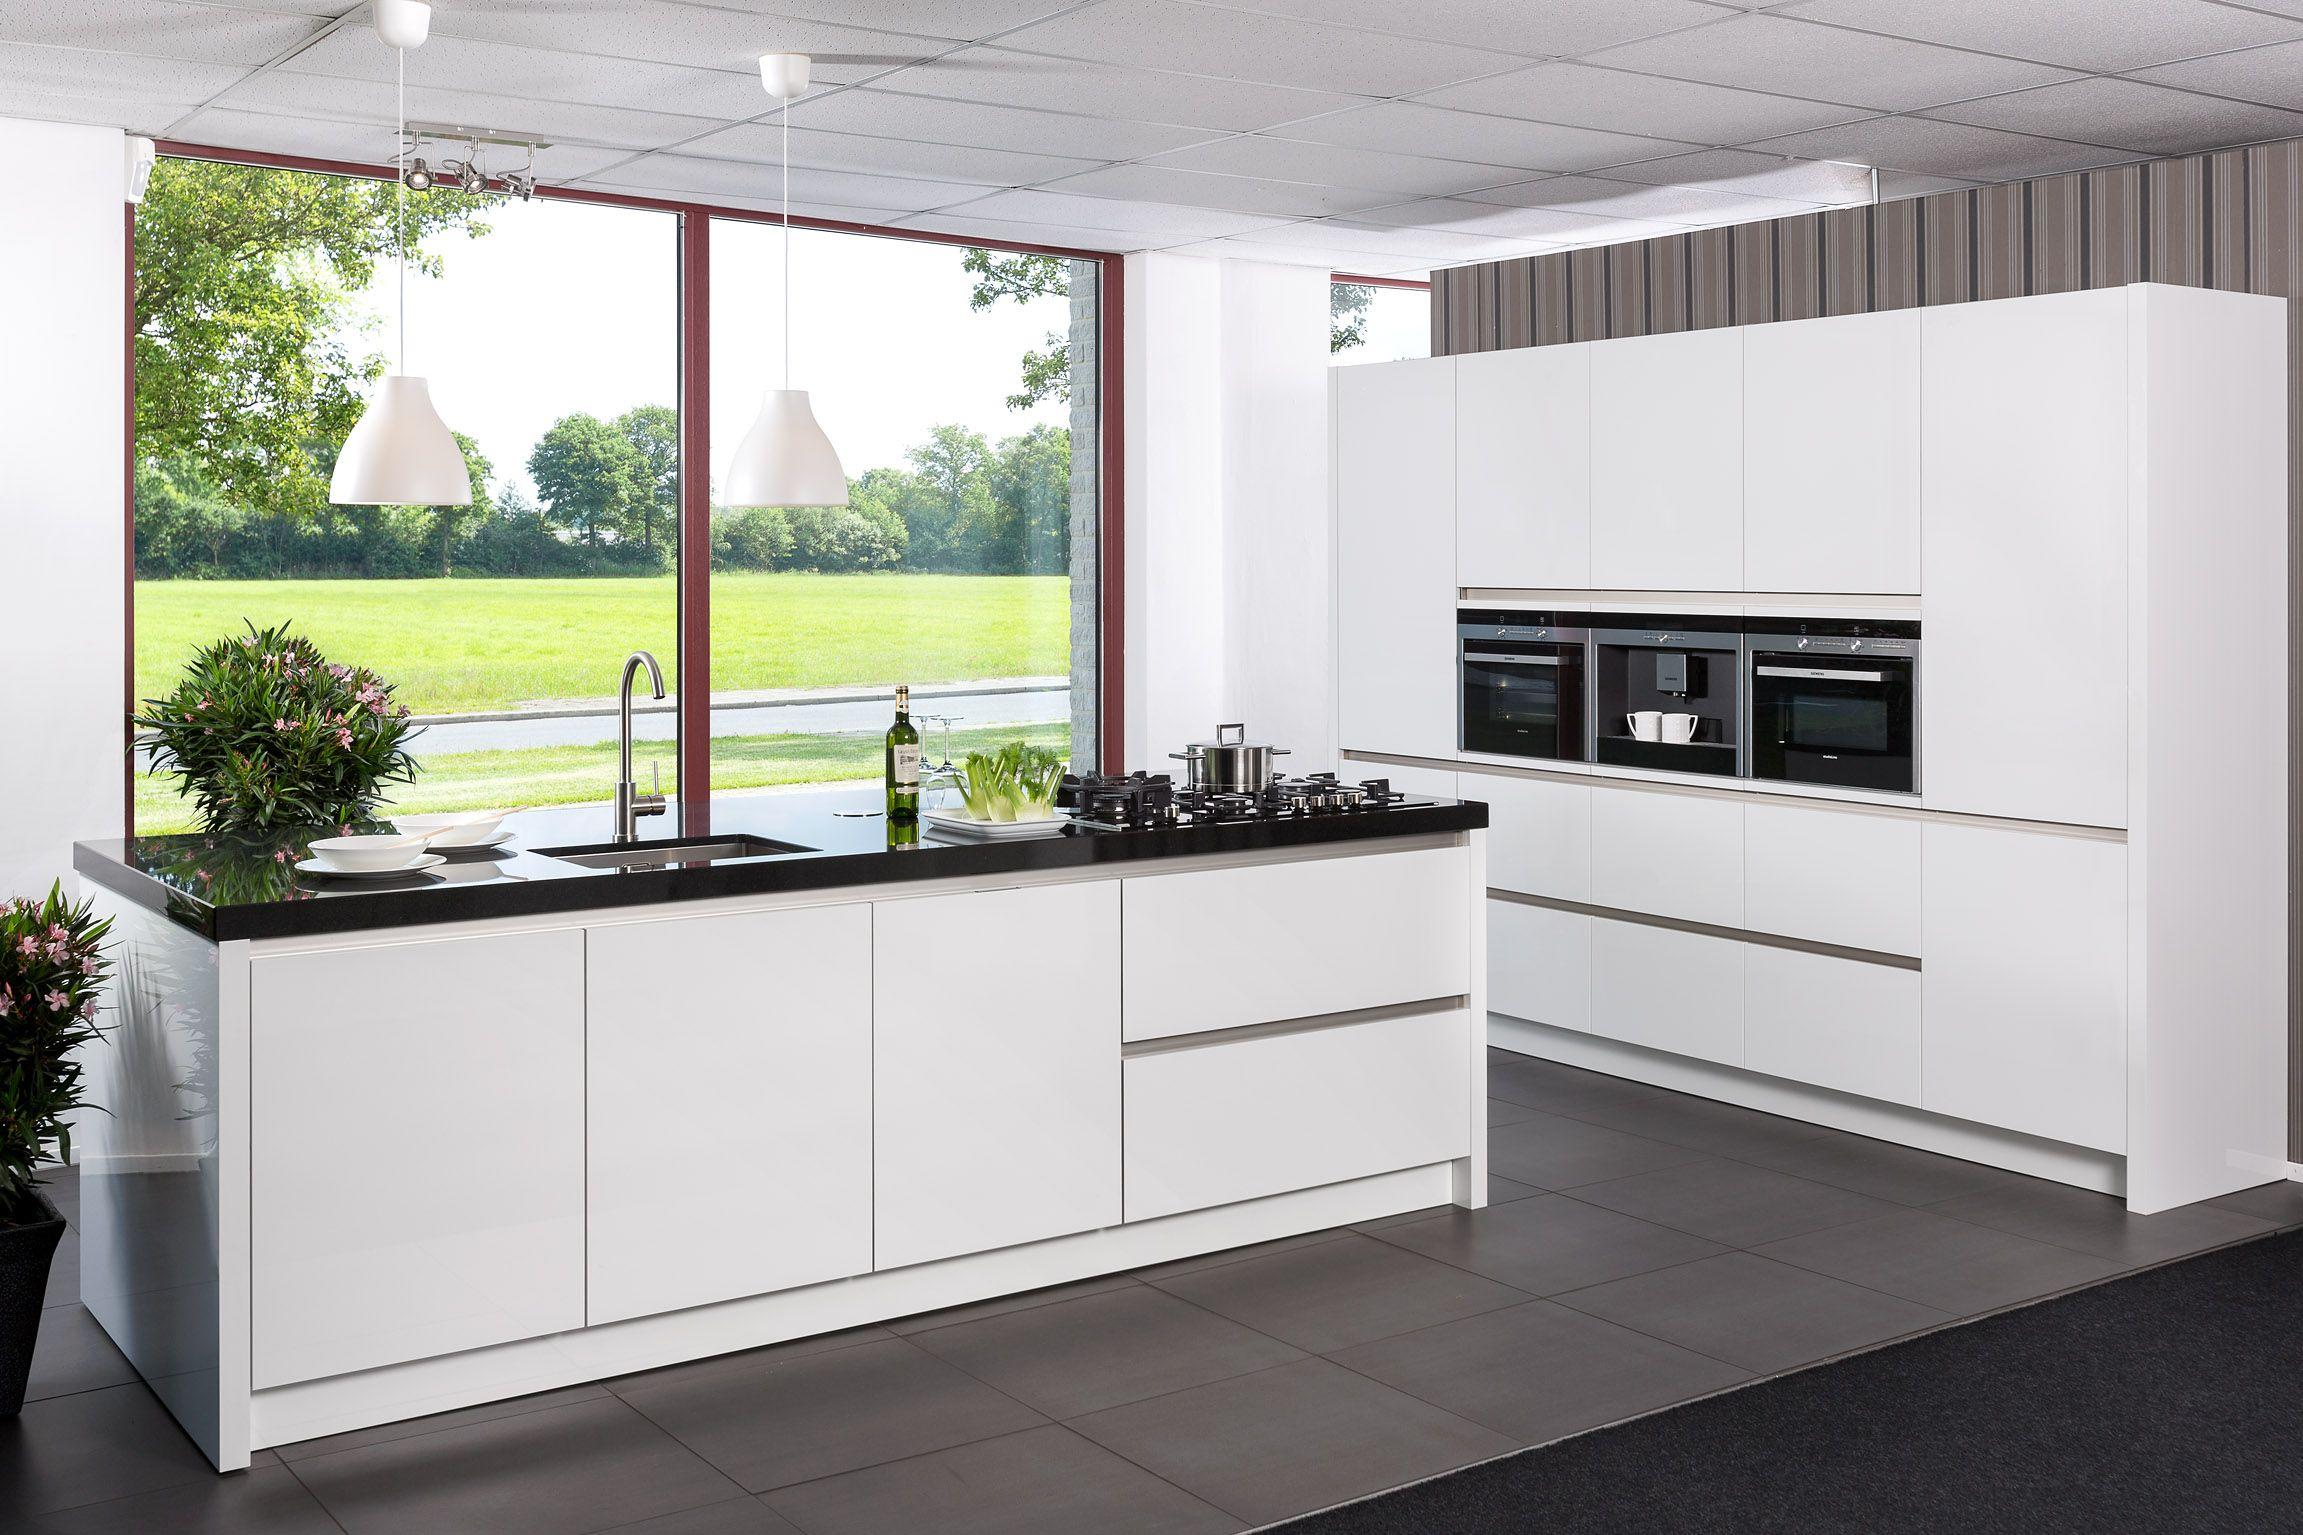 Ontwerp hoogglans keuken - Ontwerp witte keukens ...